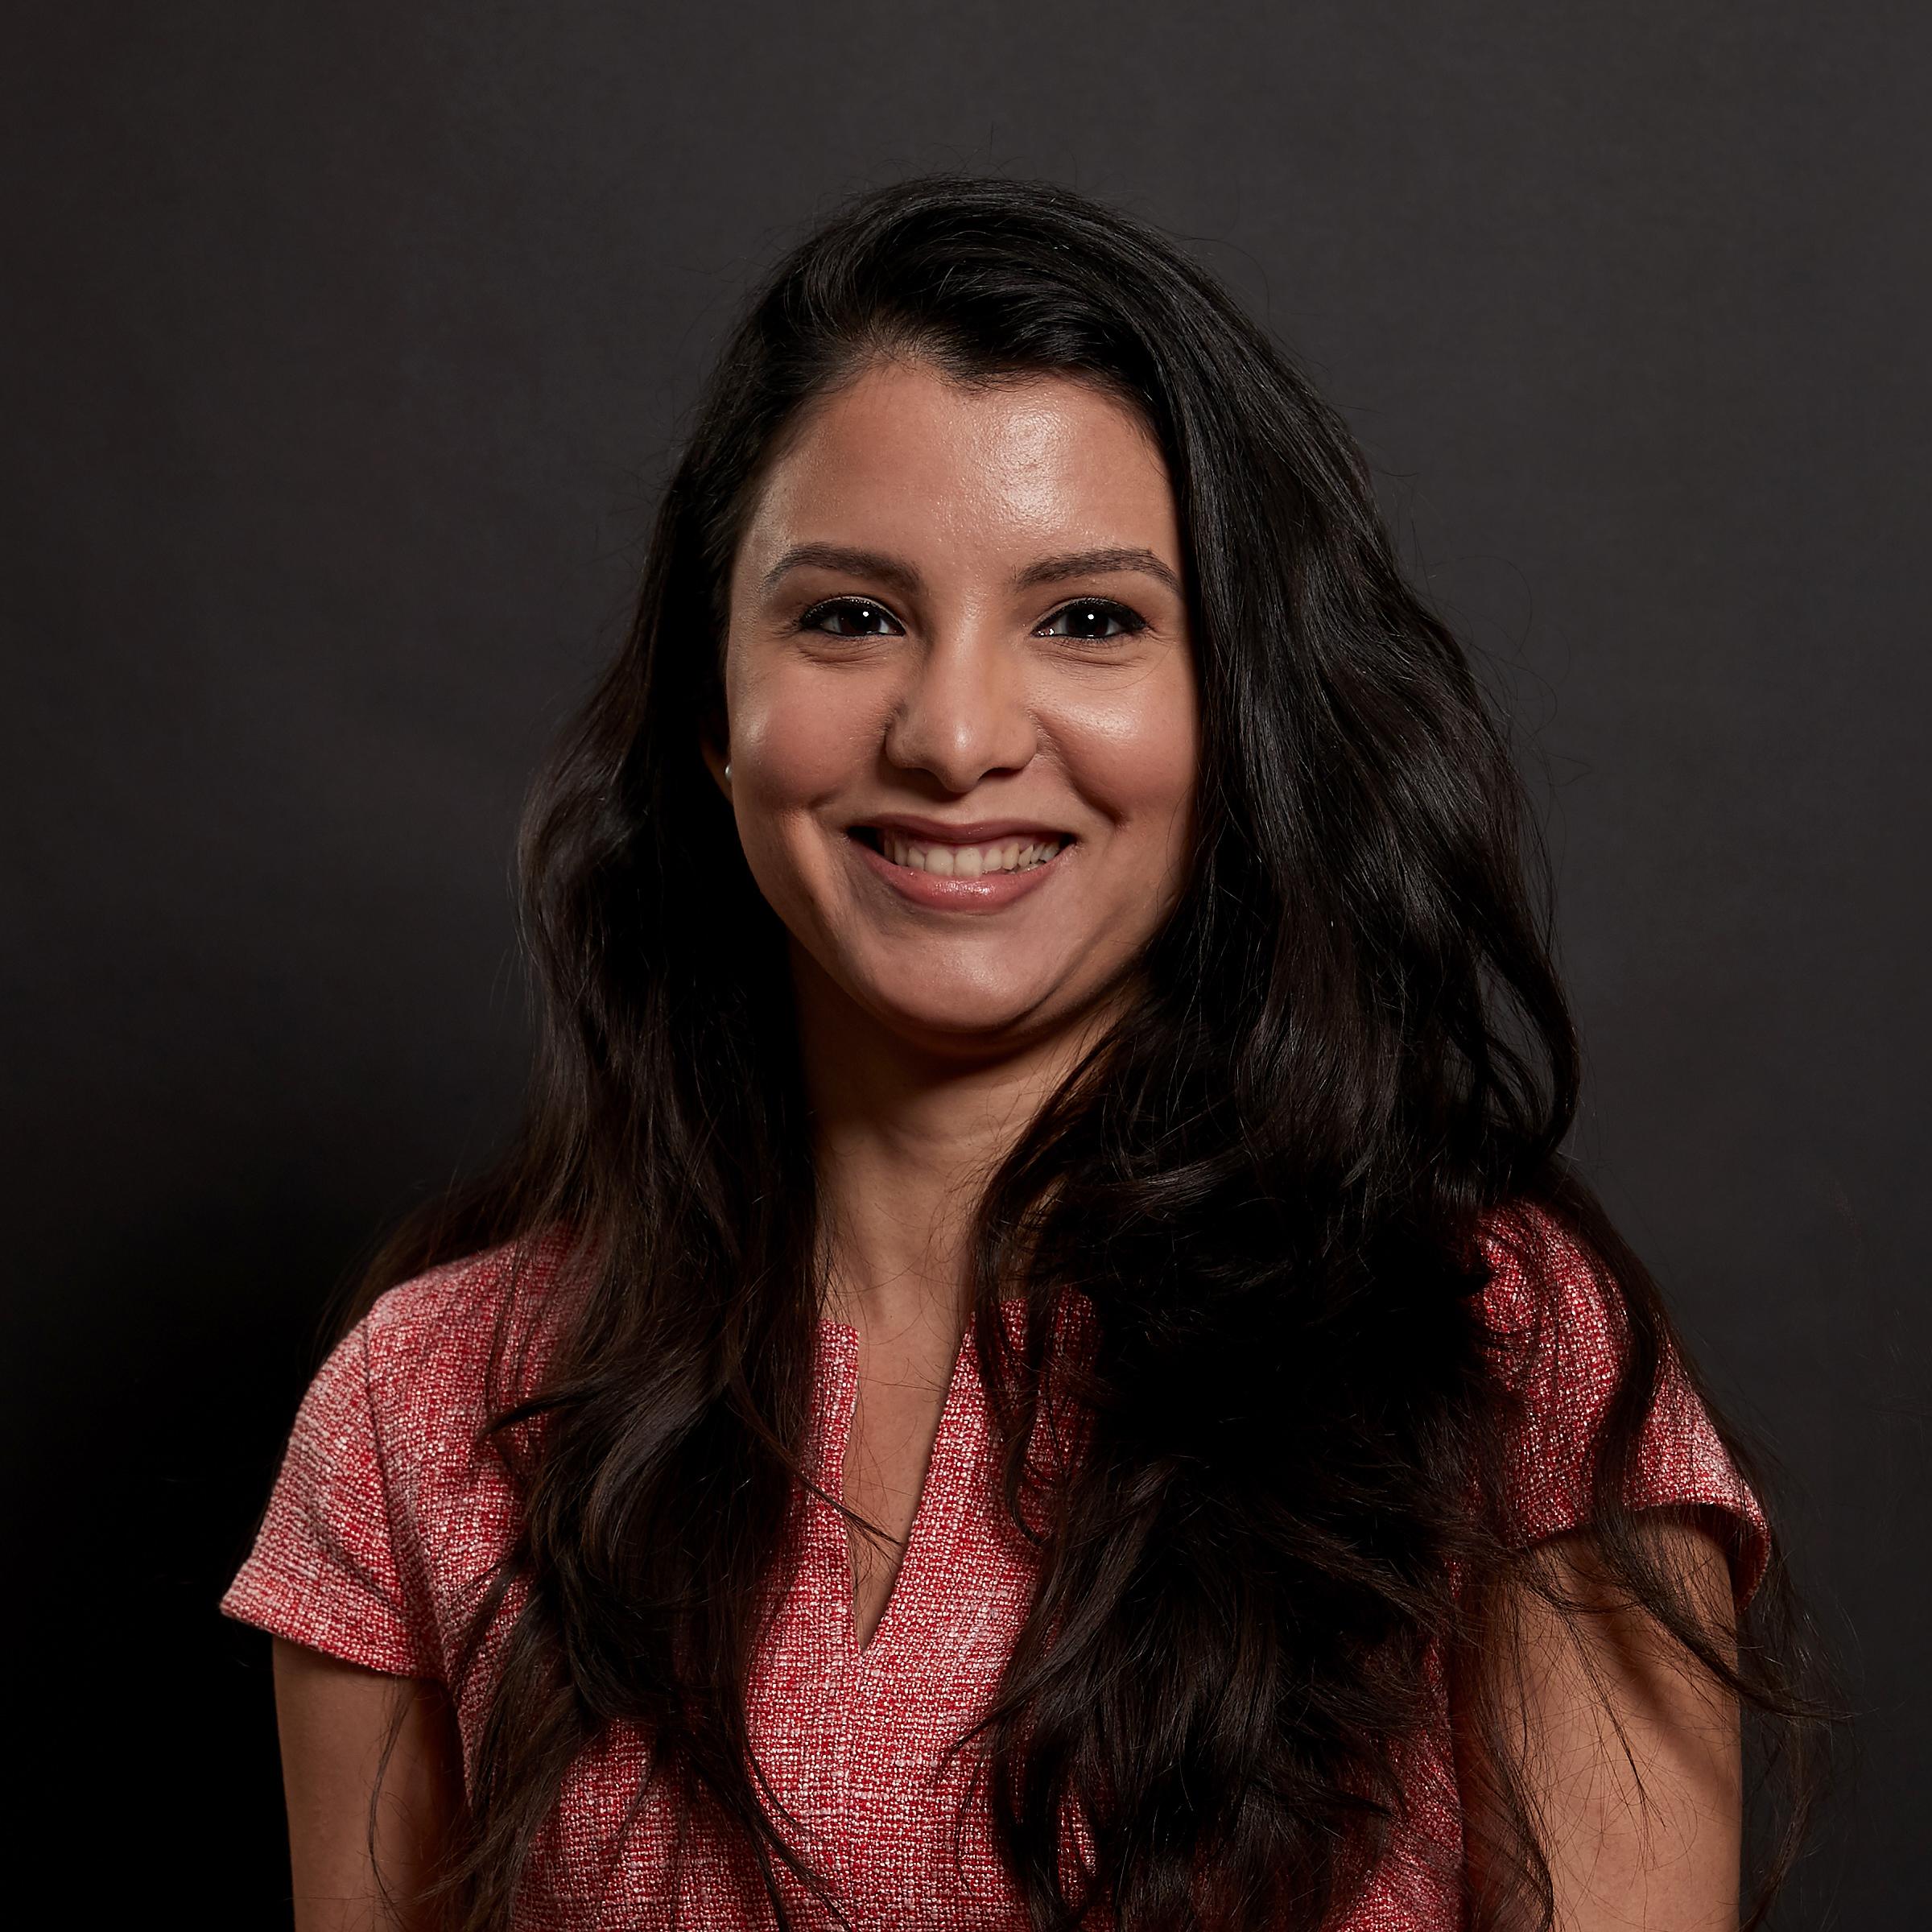 Susan Arias